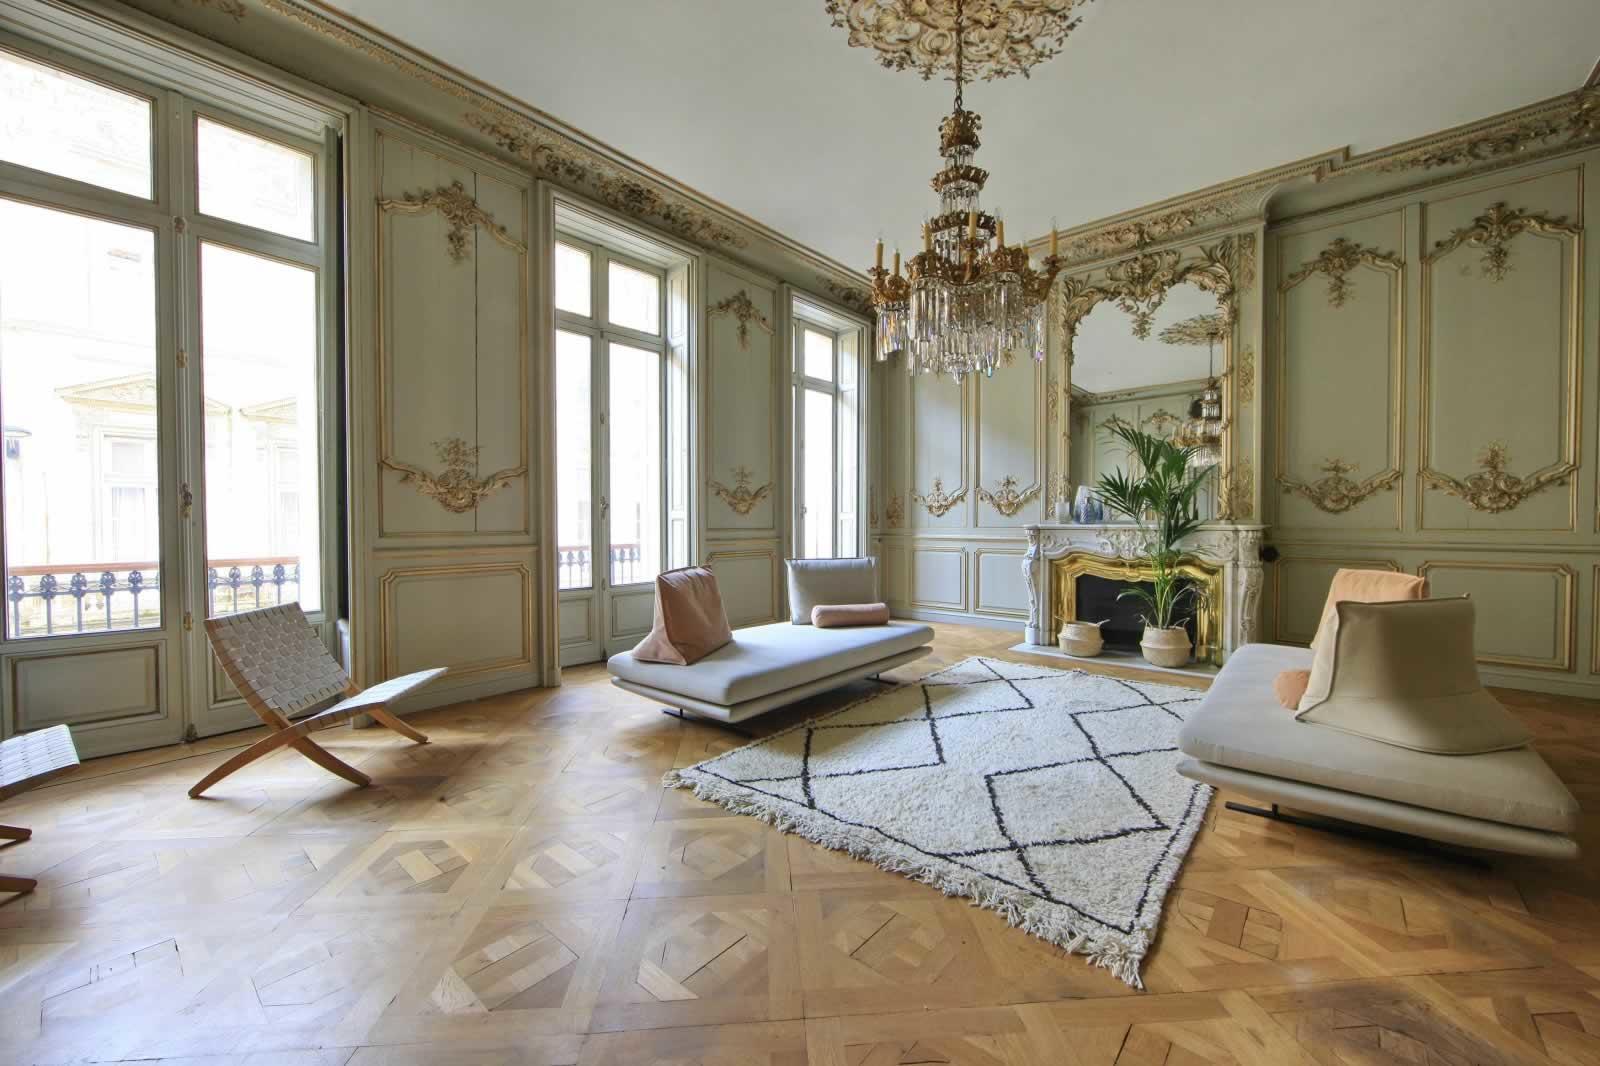 appartement-exceptionnel-a-vendre-a-bordeaux-proximite-du-grand-theatre-opera-3-chambres-balcon-filant-cheminee-parquet-garage